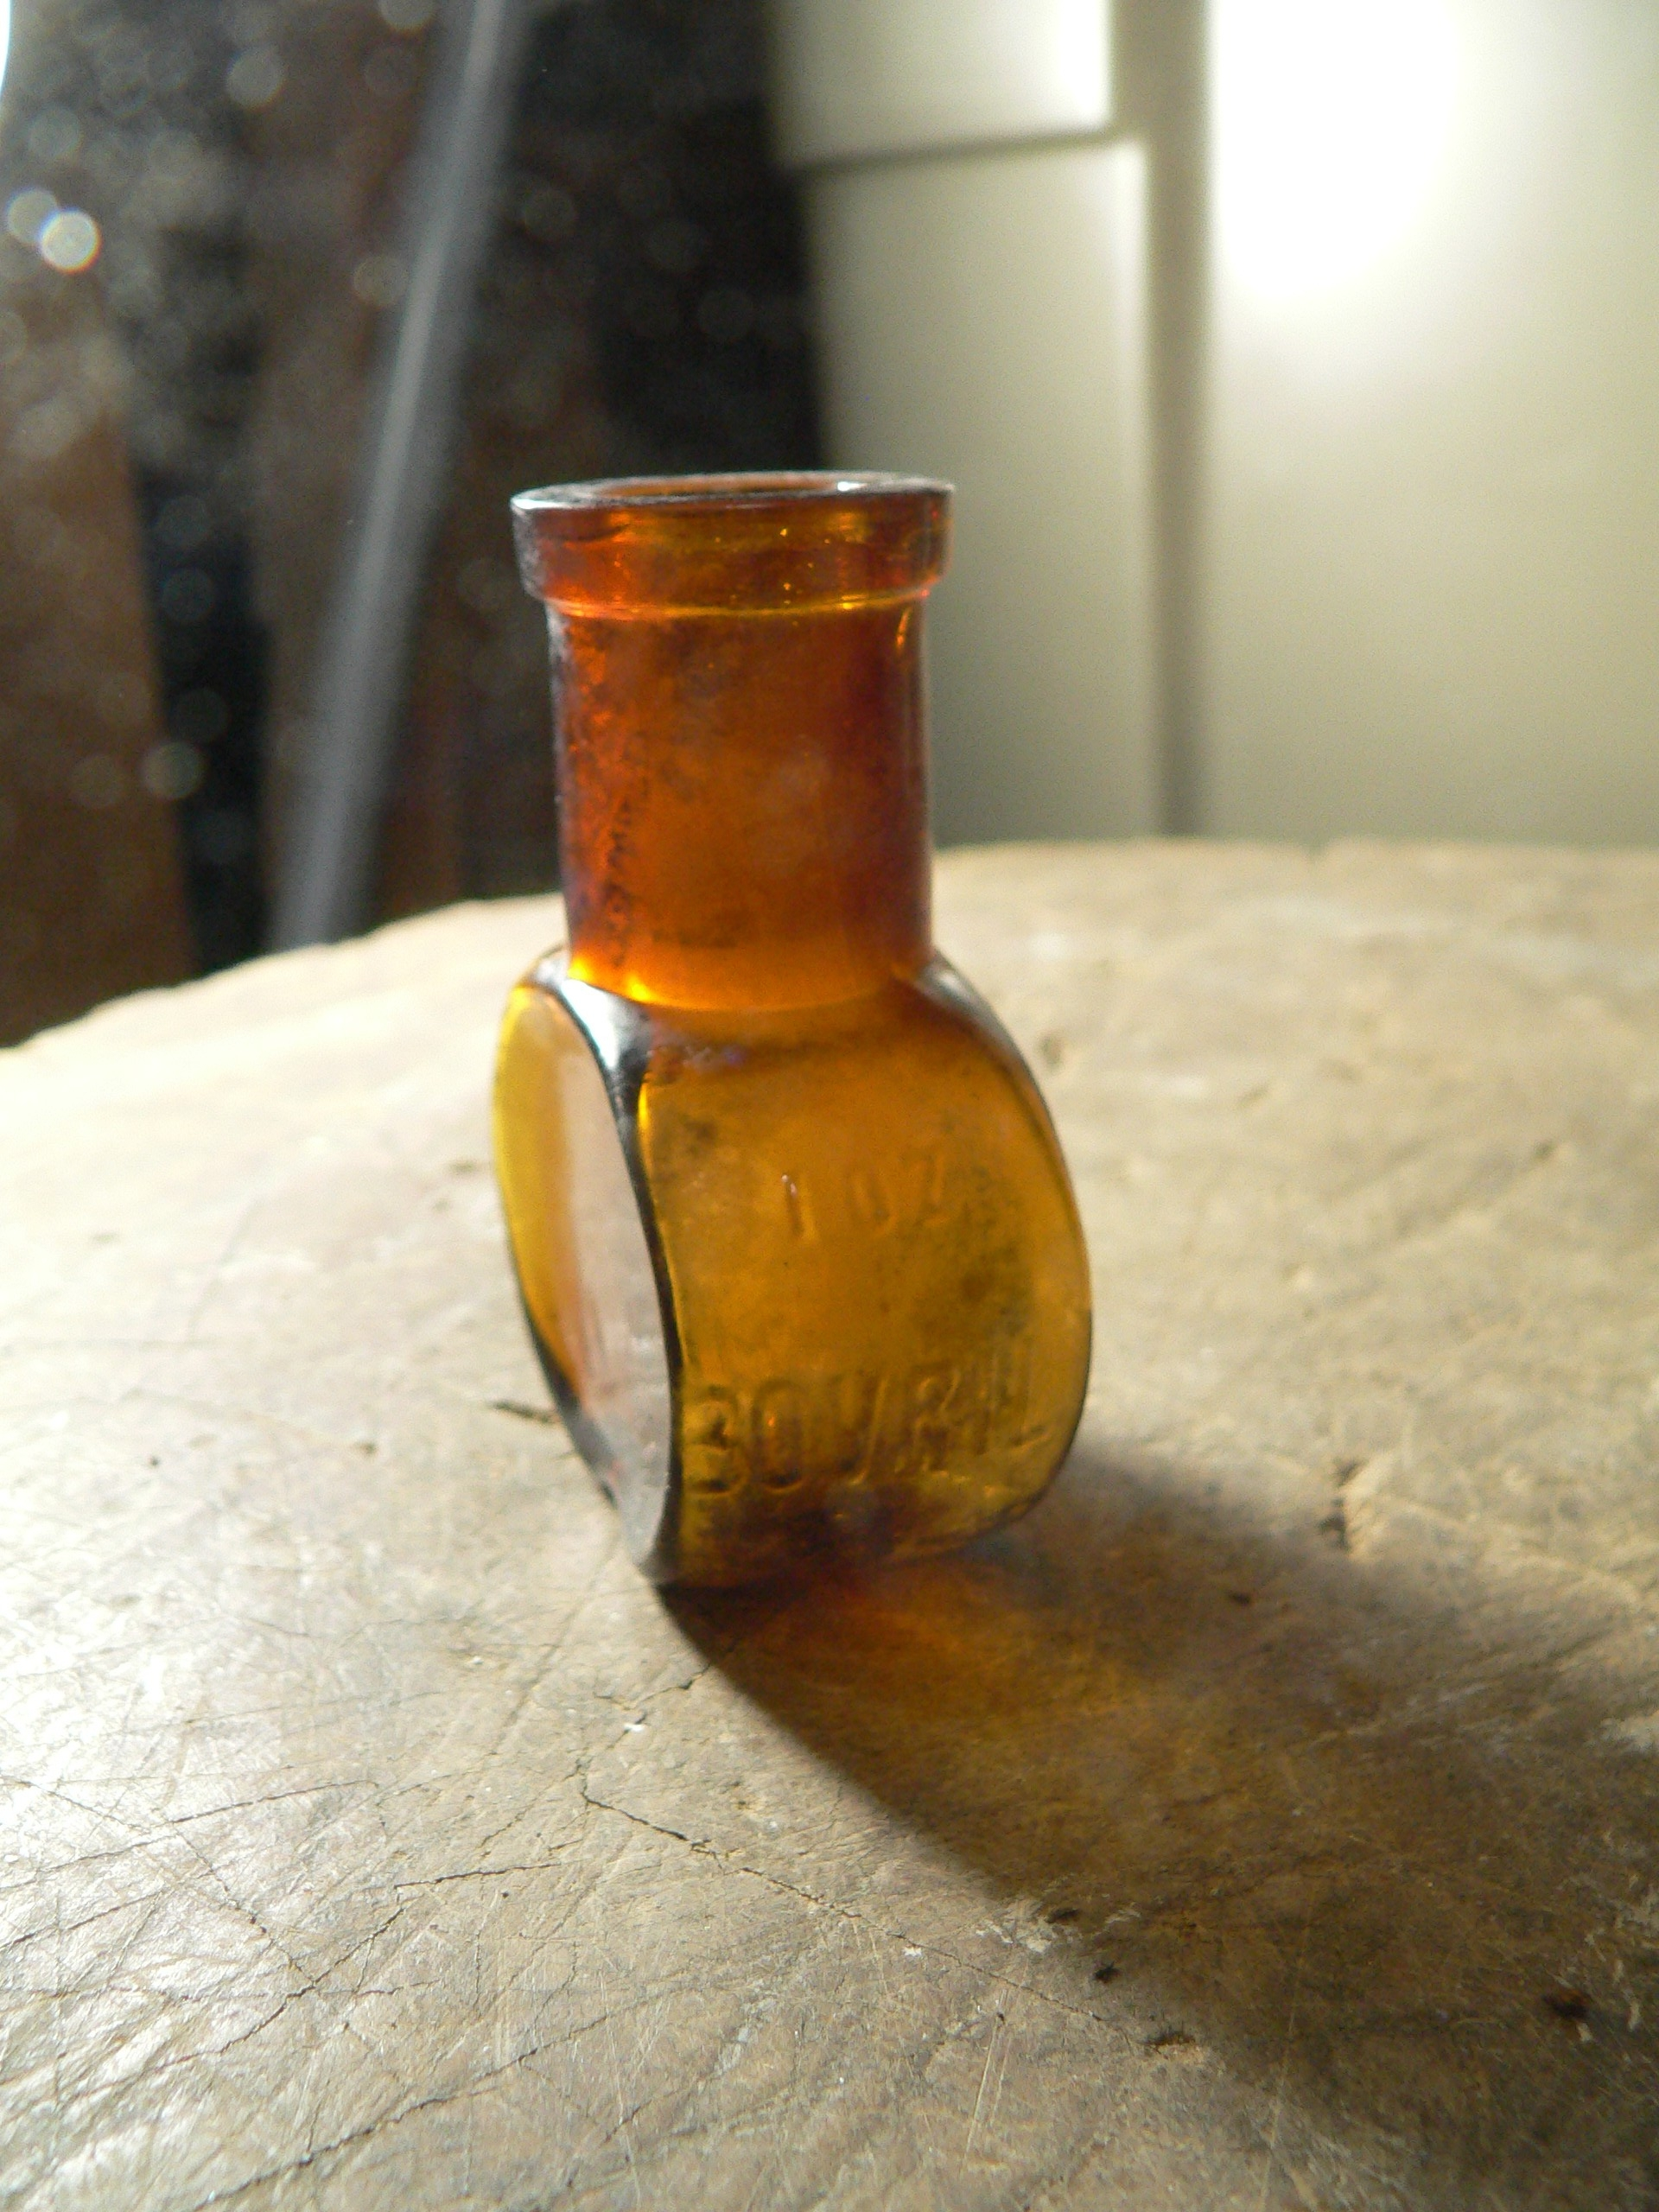 Bouteille antique bovril # 7807.45